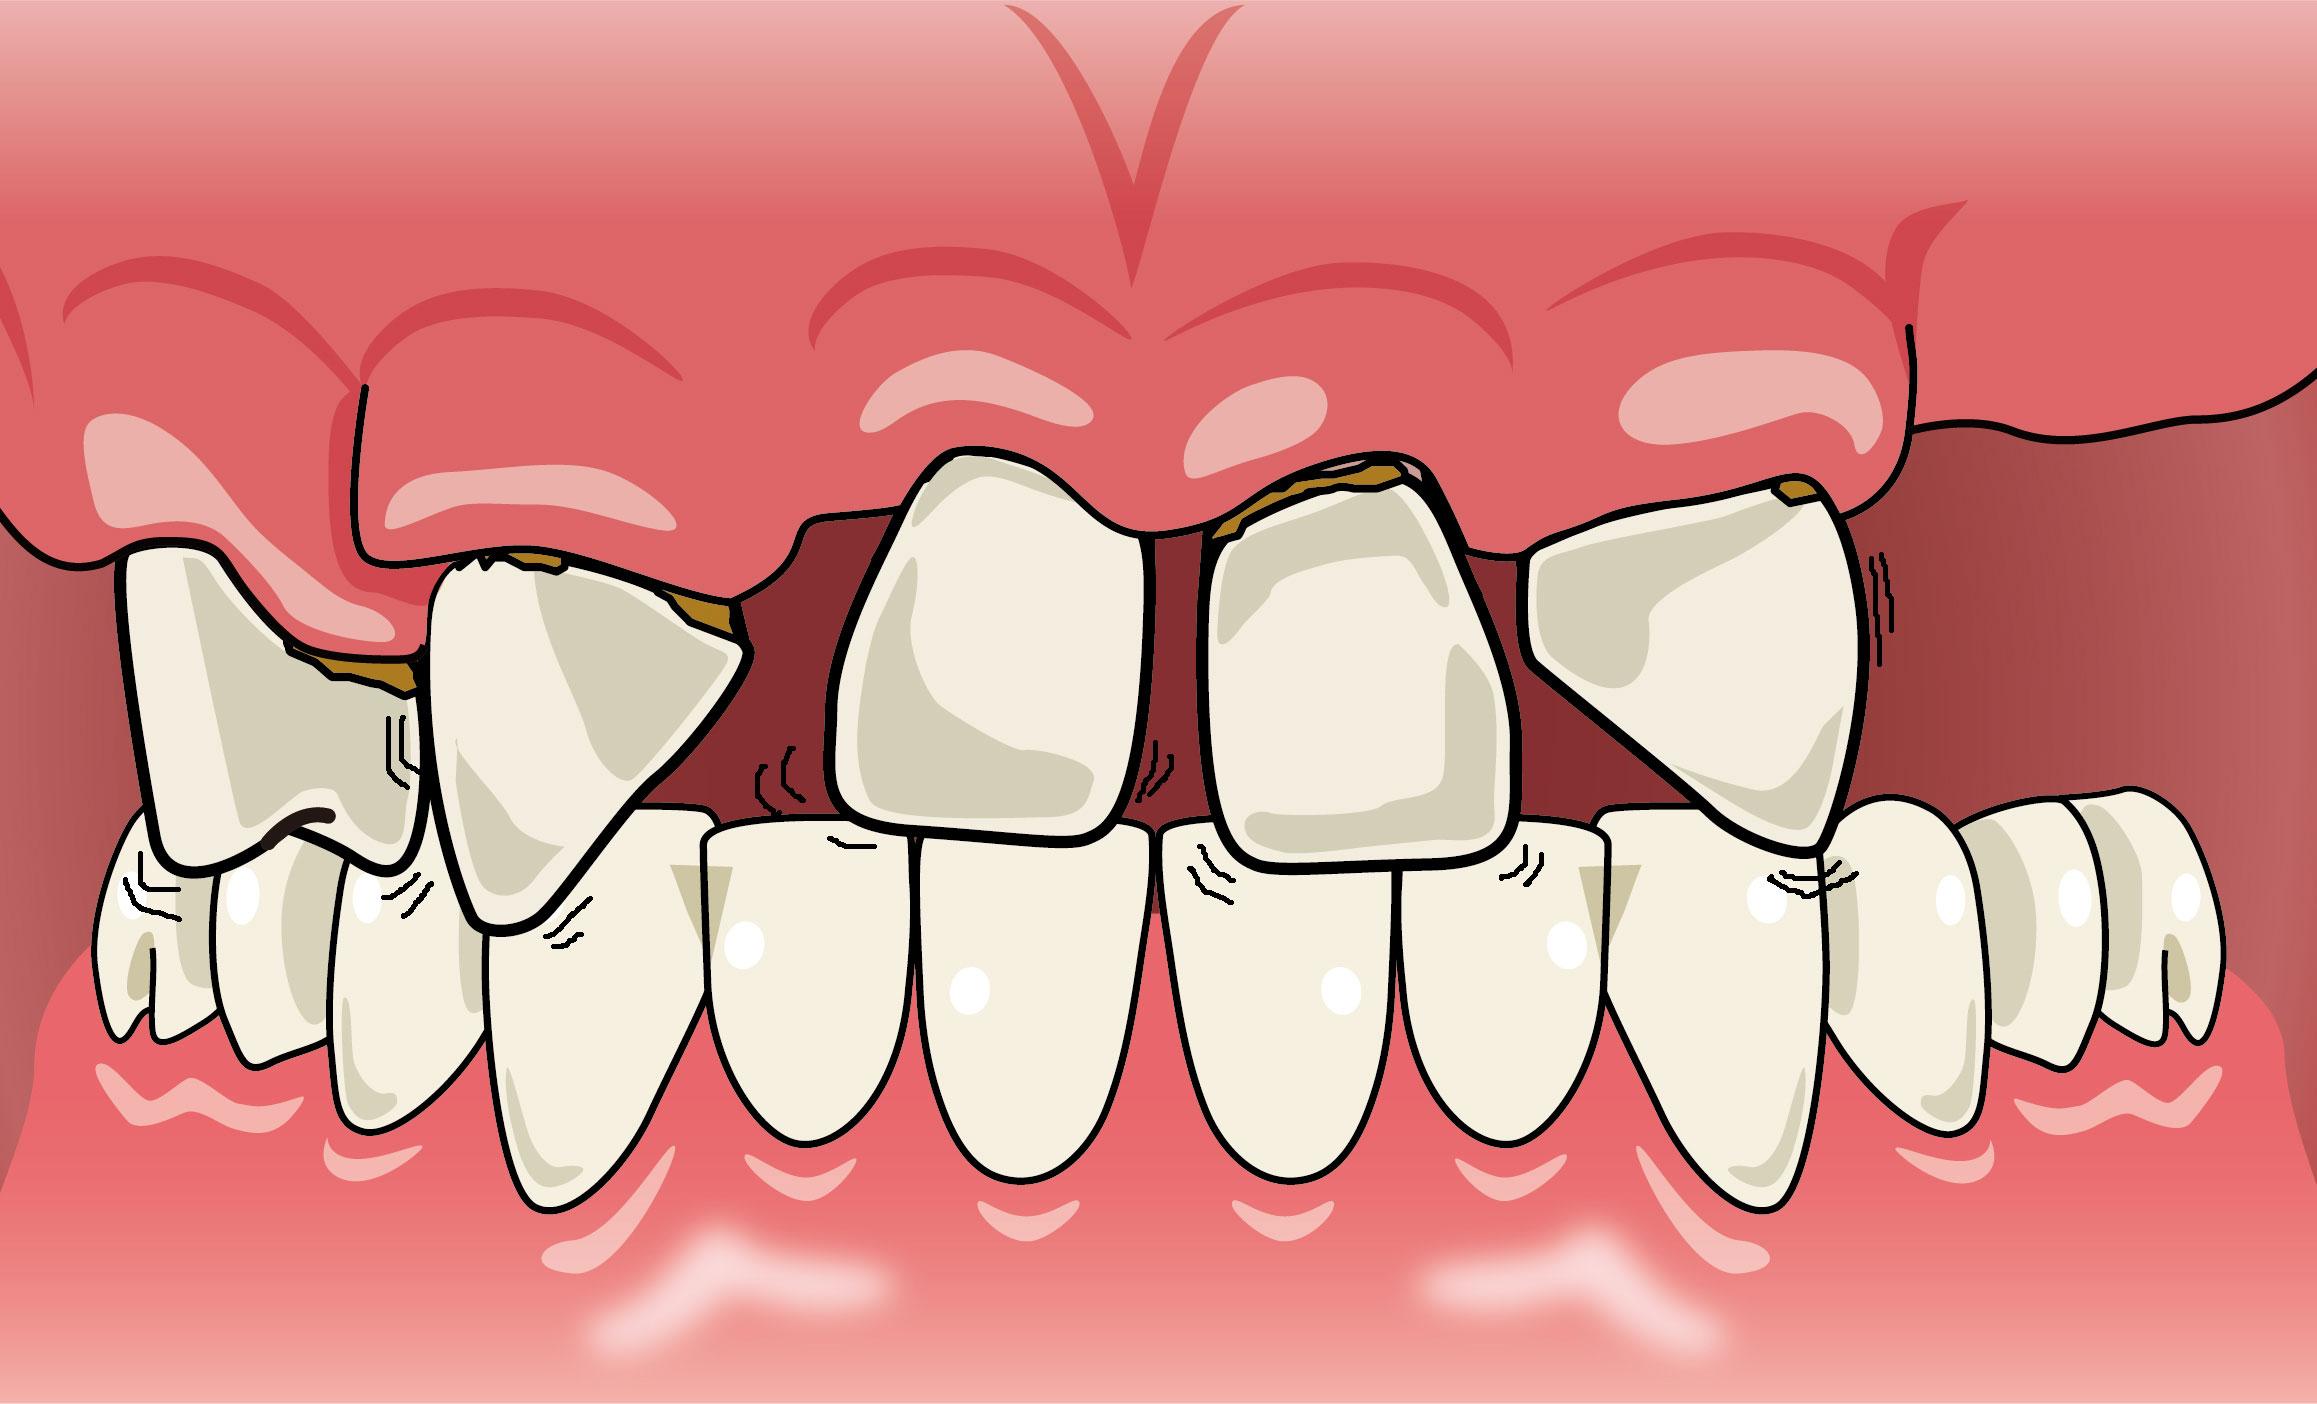 歯がぐらつく | 入れ歯が合わない | 噛むと痛い